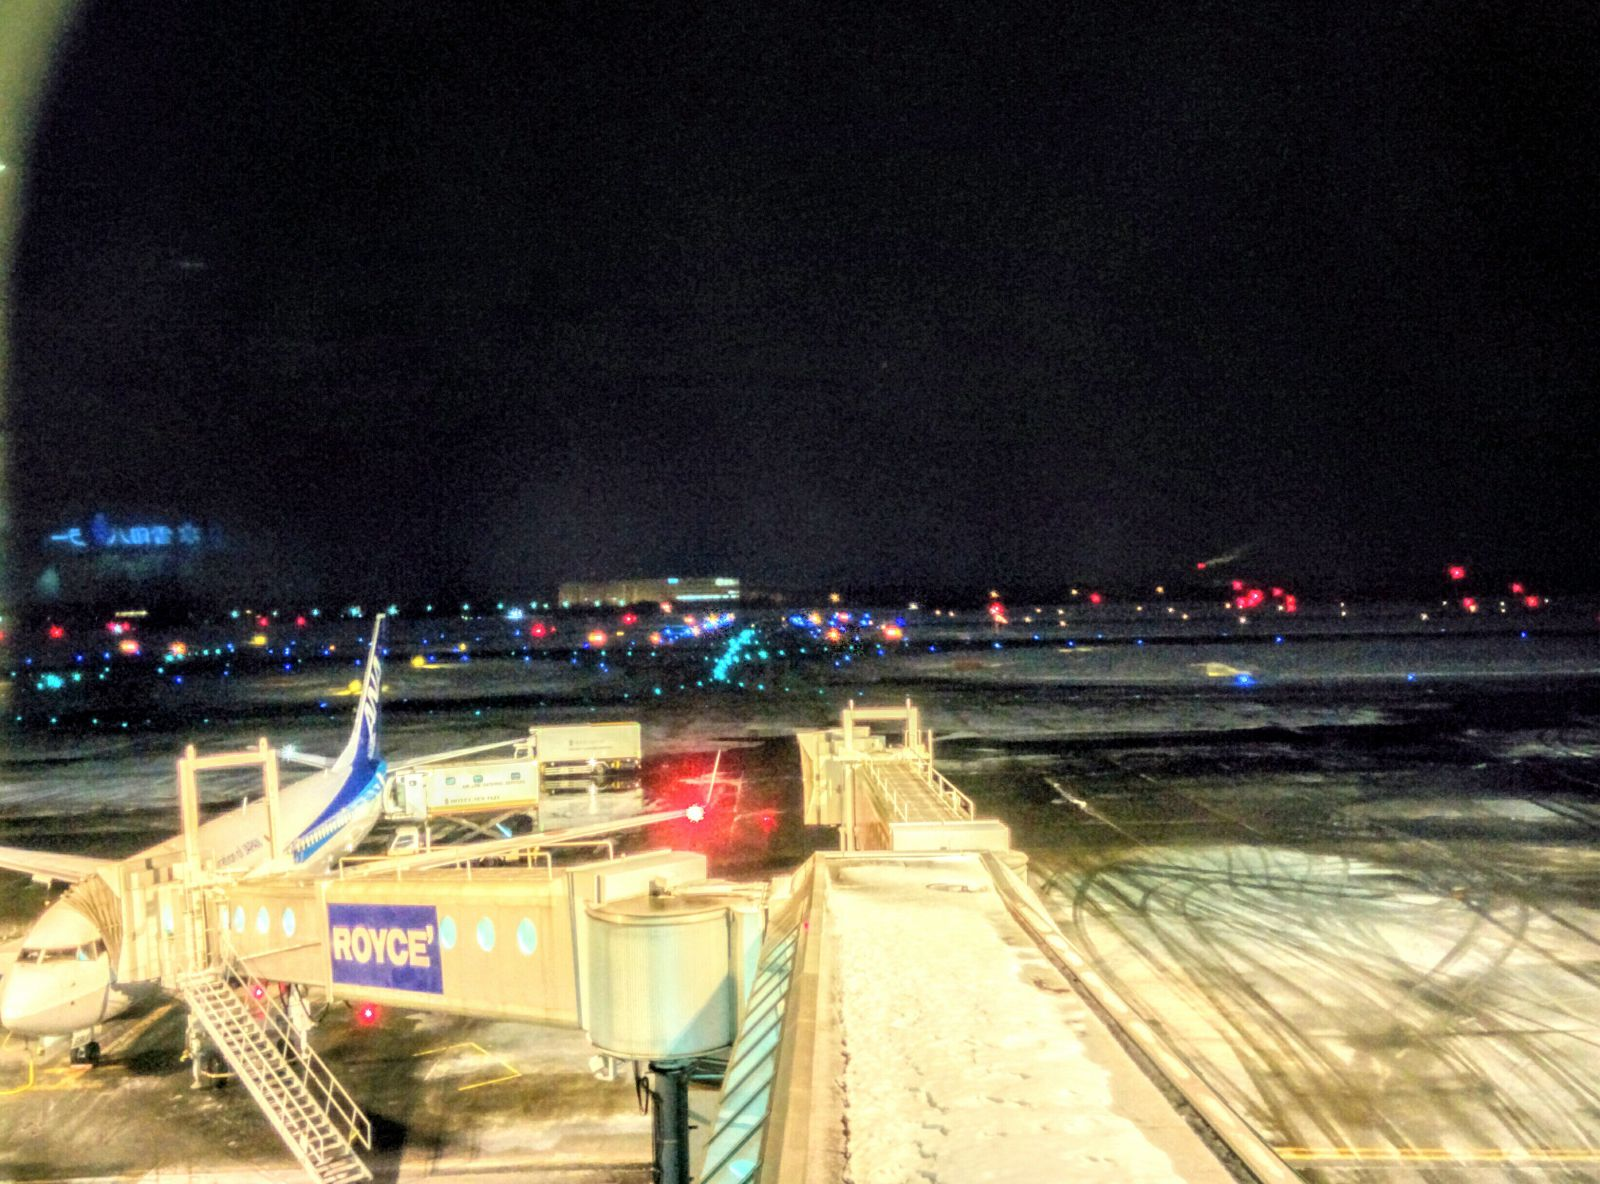 【新千歳空港】冬の夜の新千歳空港観光写真です。